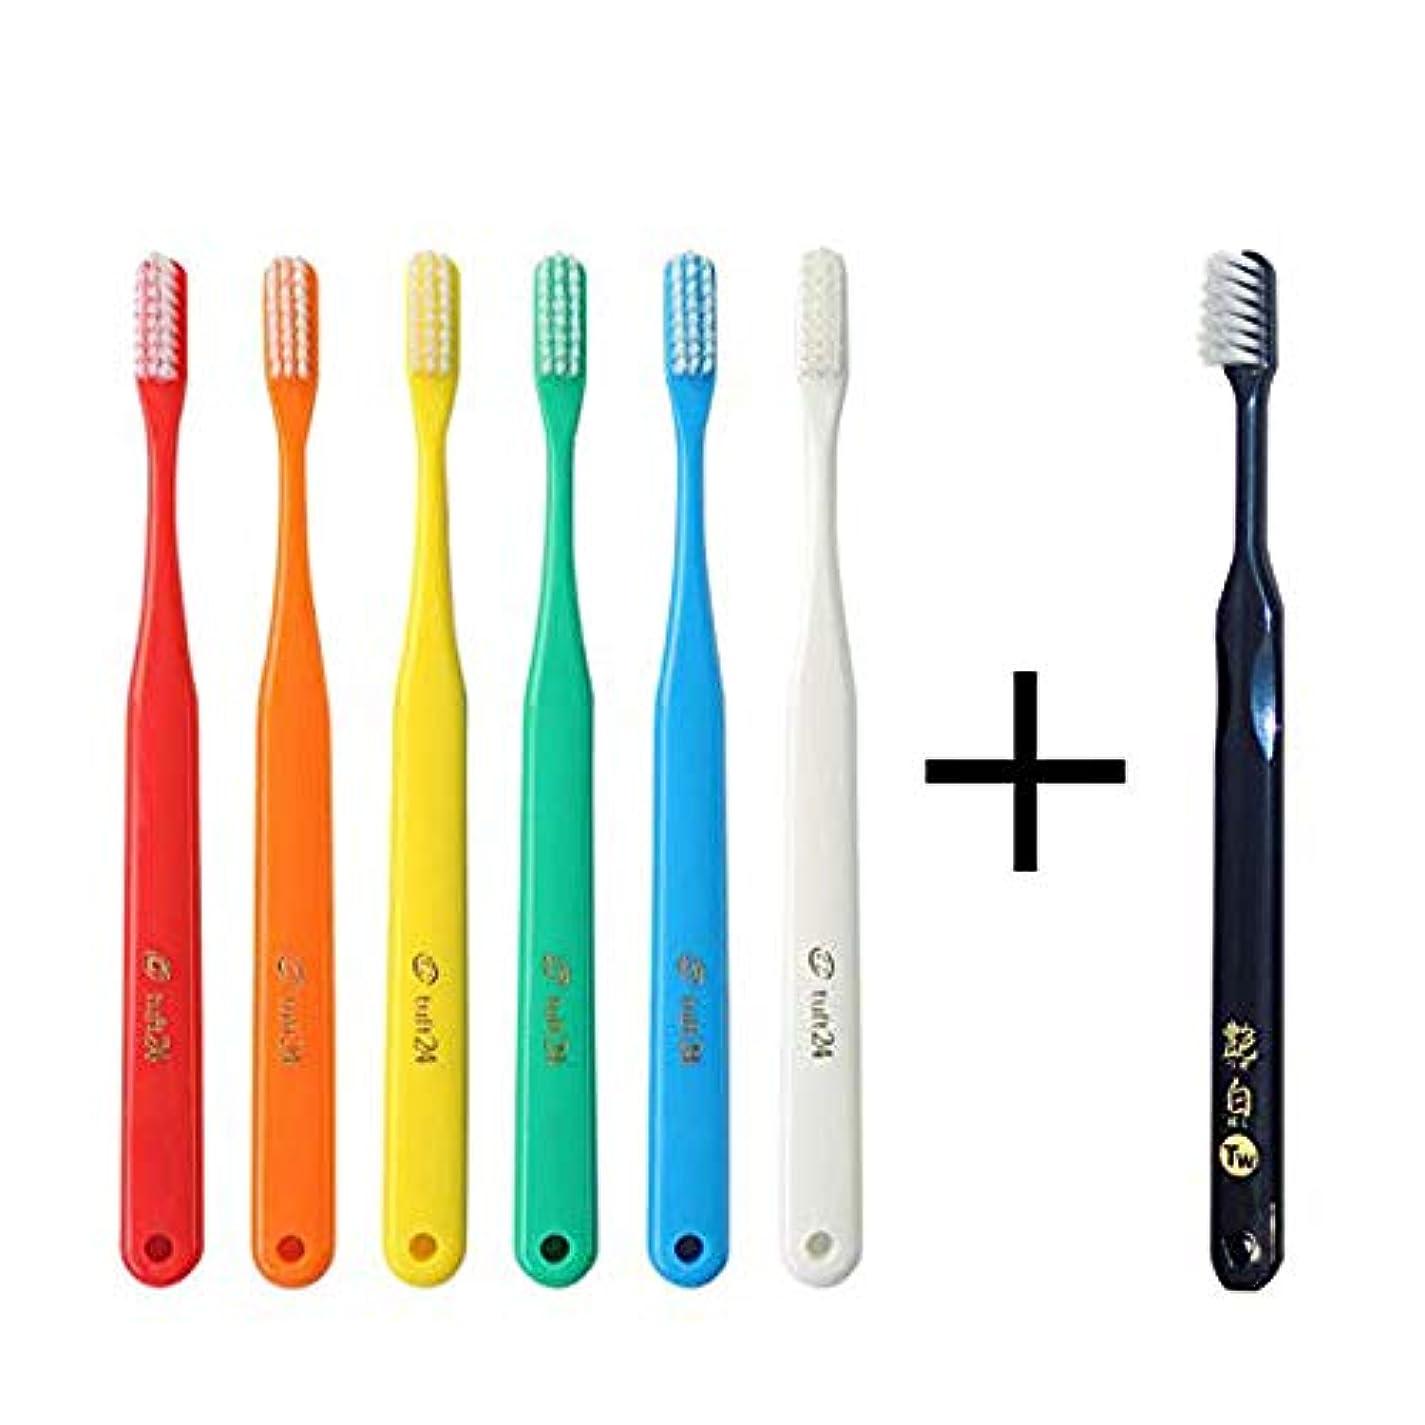 表現家畜インスタンスタフト24 歯ブラシ × 10本 (MS) キャップなし + 艶白ツイン ハブラシ (MS やややわらかめ)×1本 むし歯予防 歯科専売品